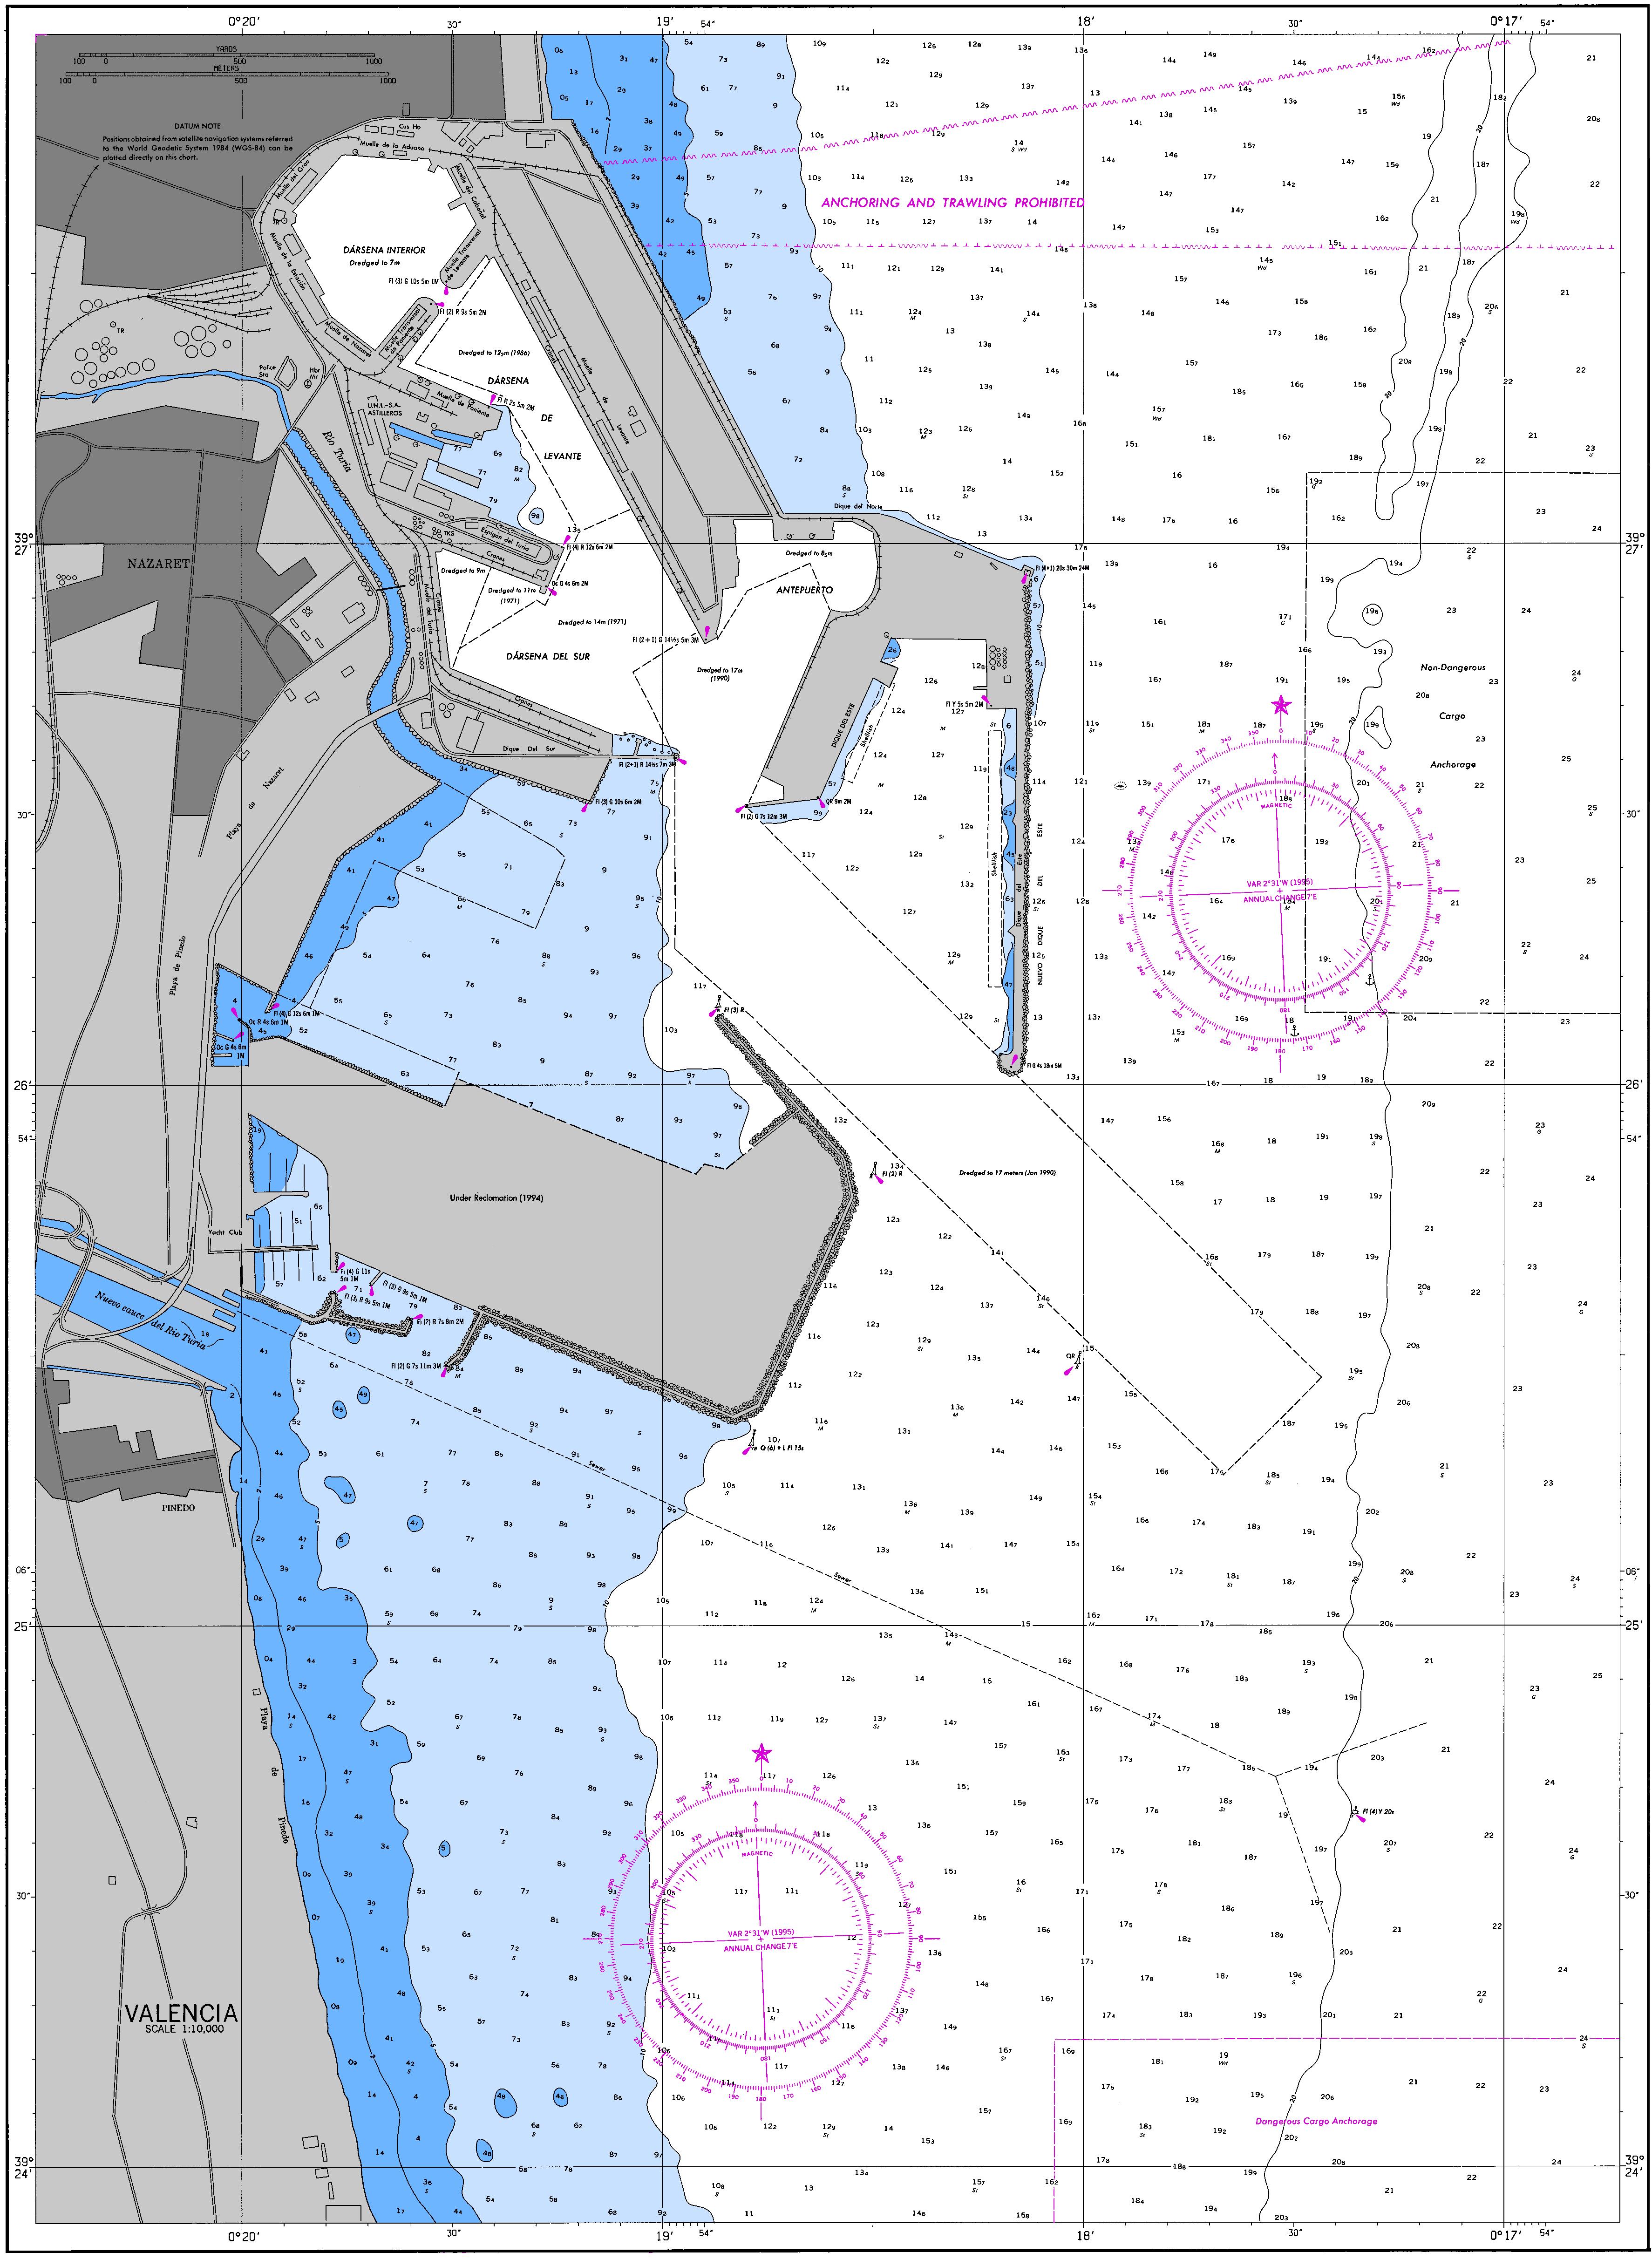 Carta náutica del Puerto de Valencia